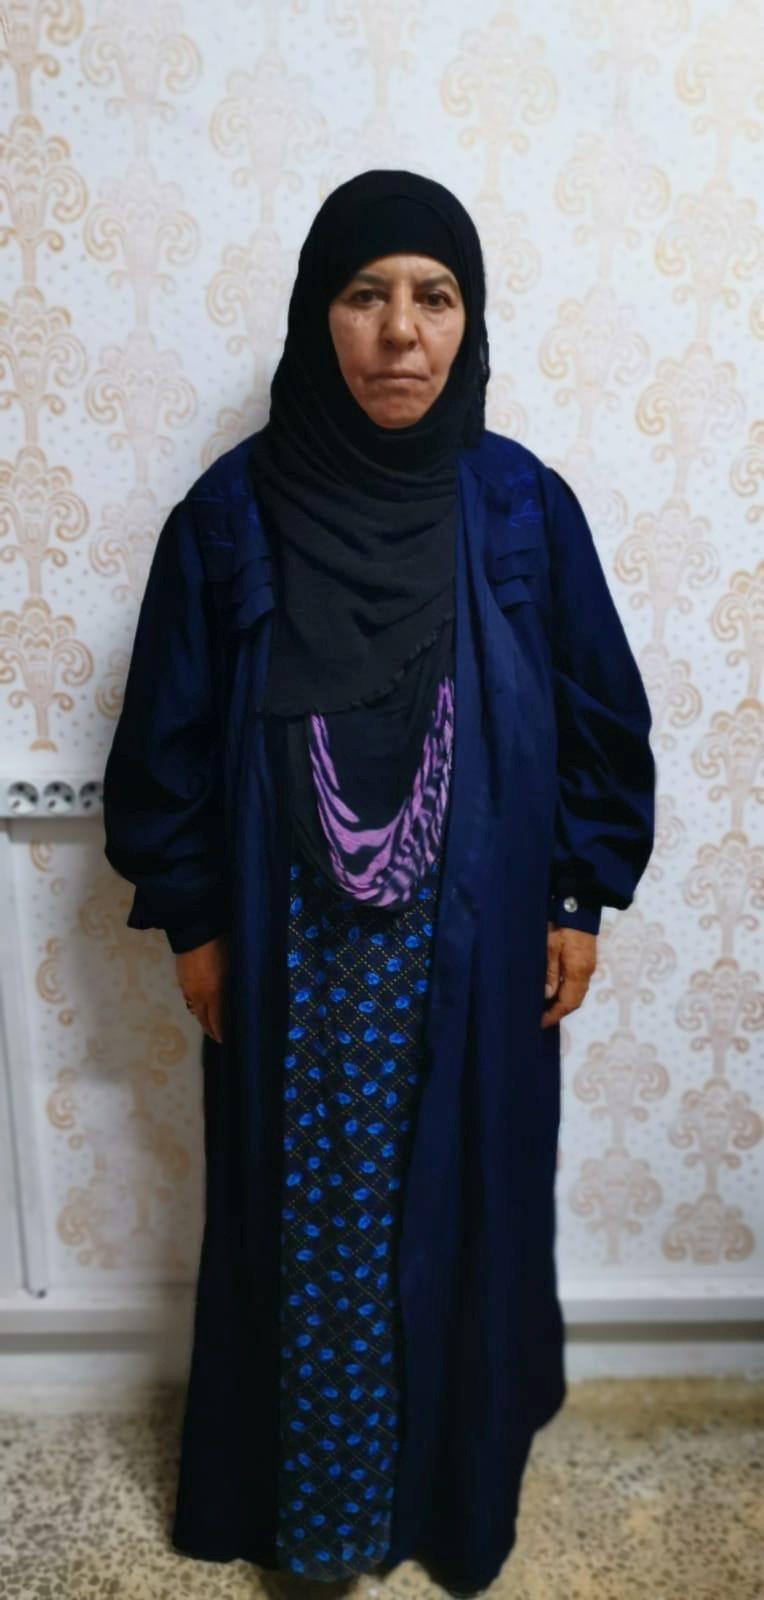 伊斯蘭國領導人巴格達迪的姐姐被土耳其逮捕偵訊。路透